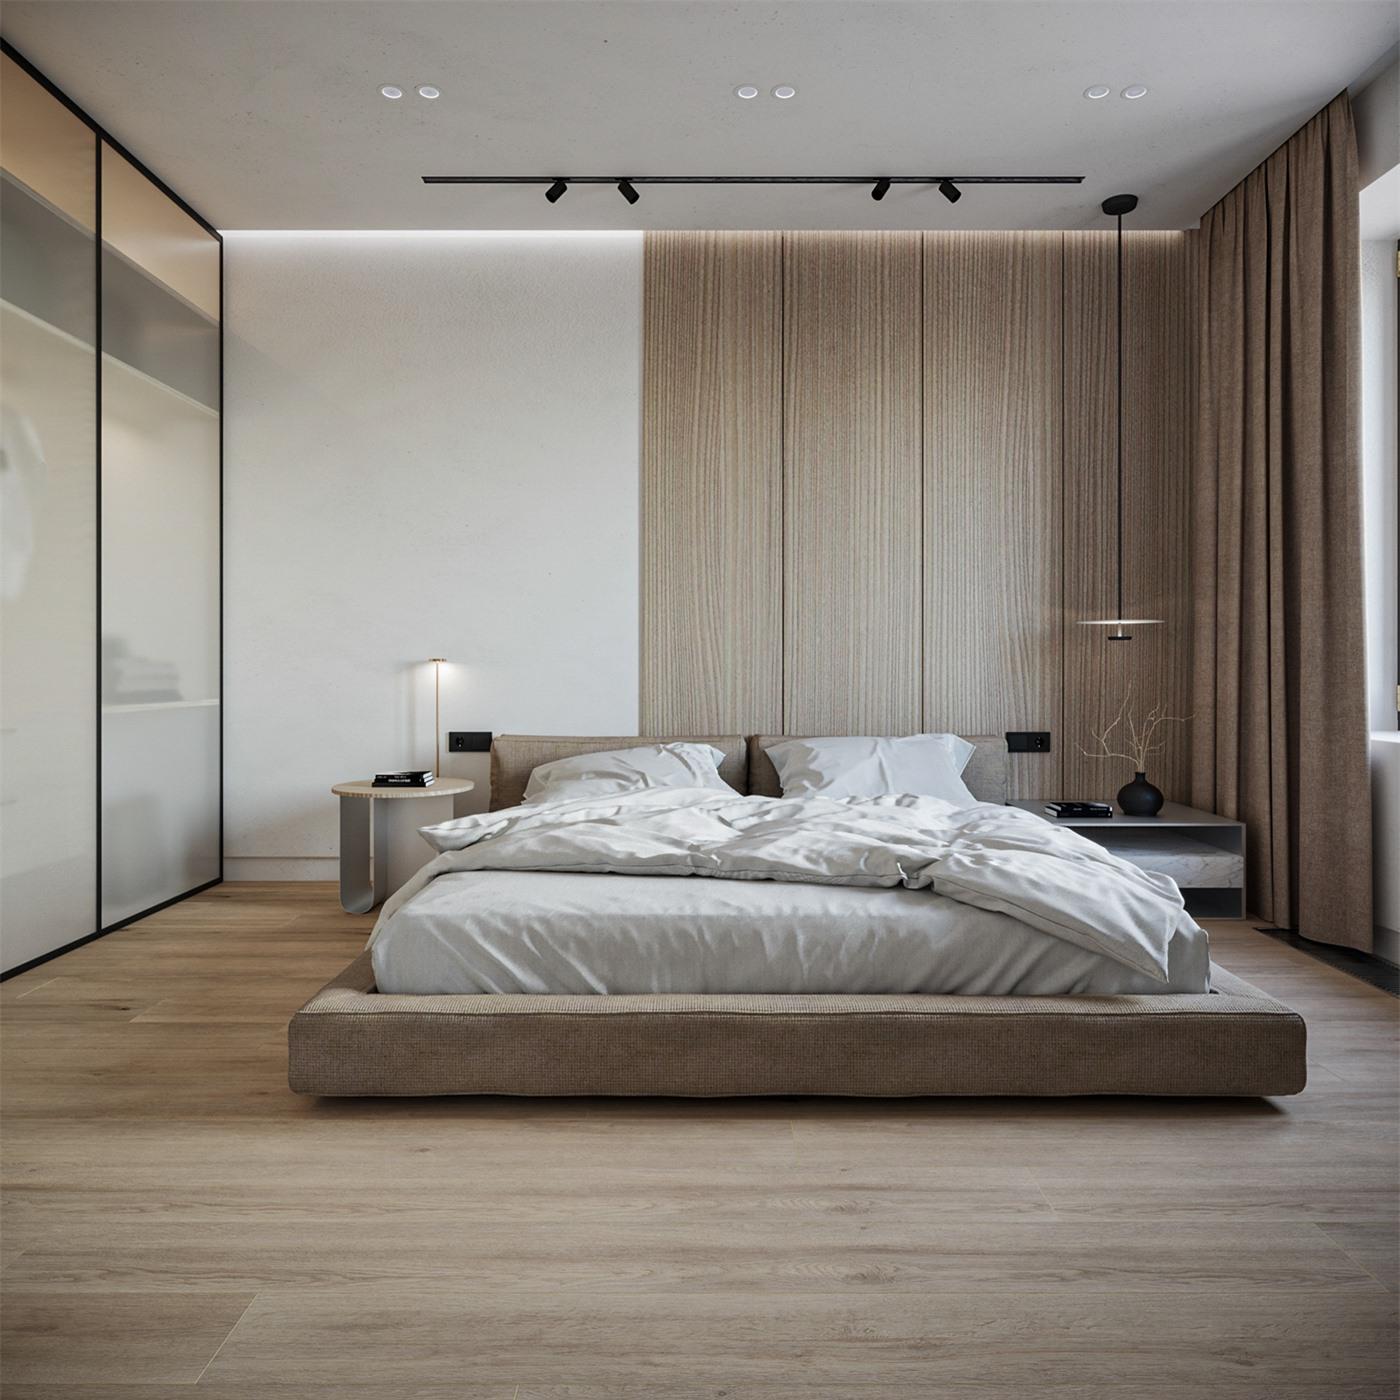 Kiến trúc sư tư vấn thiết kế nhà cấp 4 diện tích 100m² cho gia đình 3 thế hệ chi phí 237 triệu - Ảnh 12.